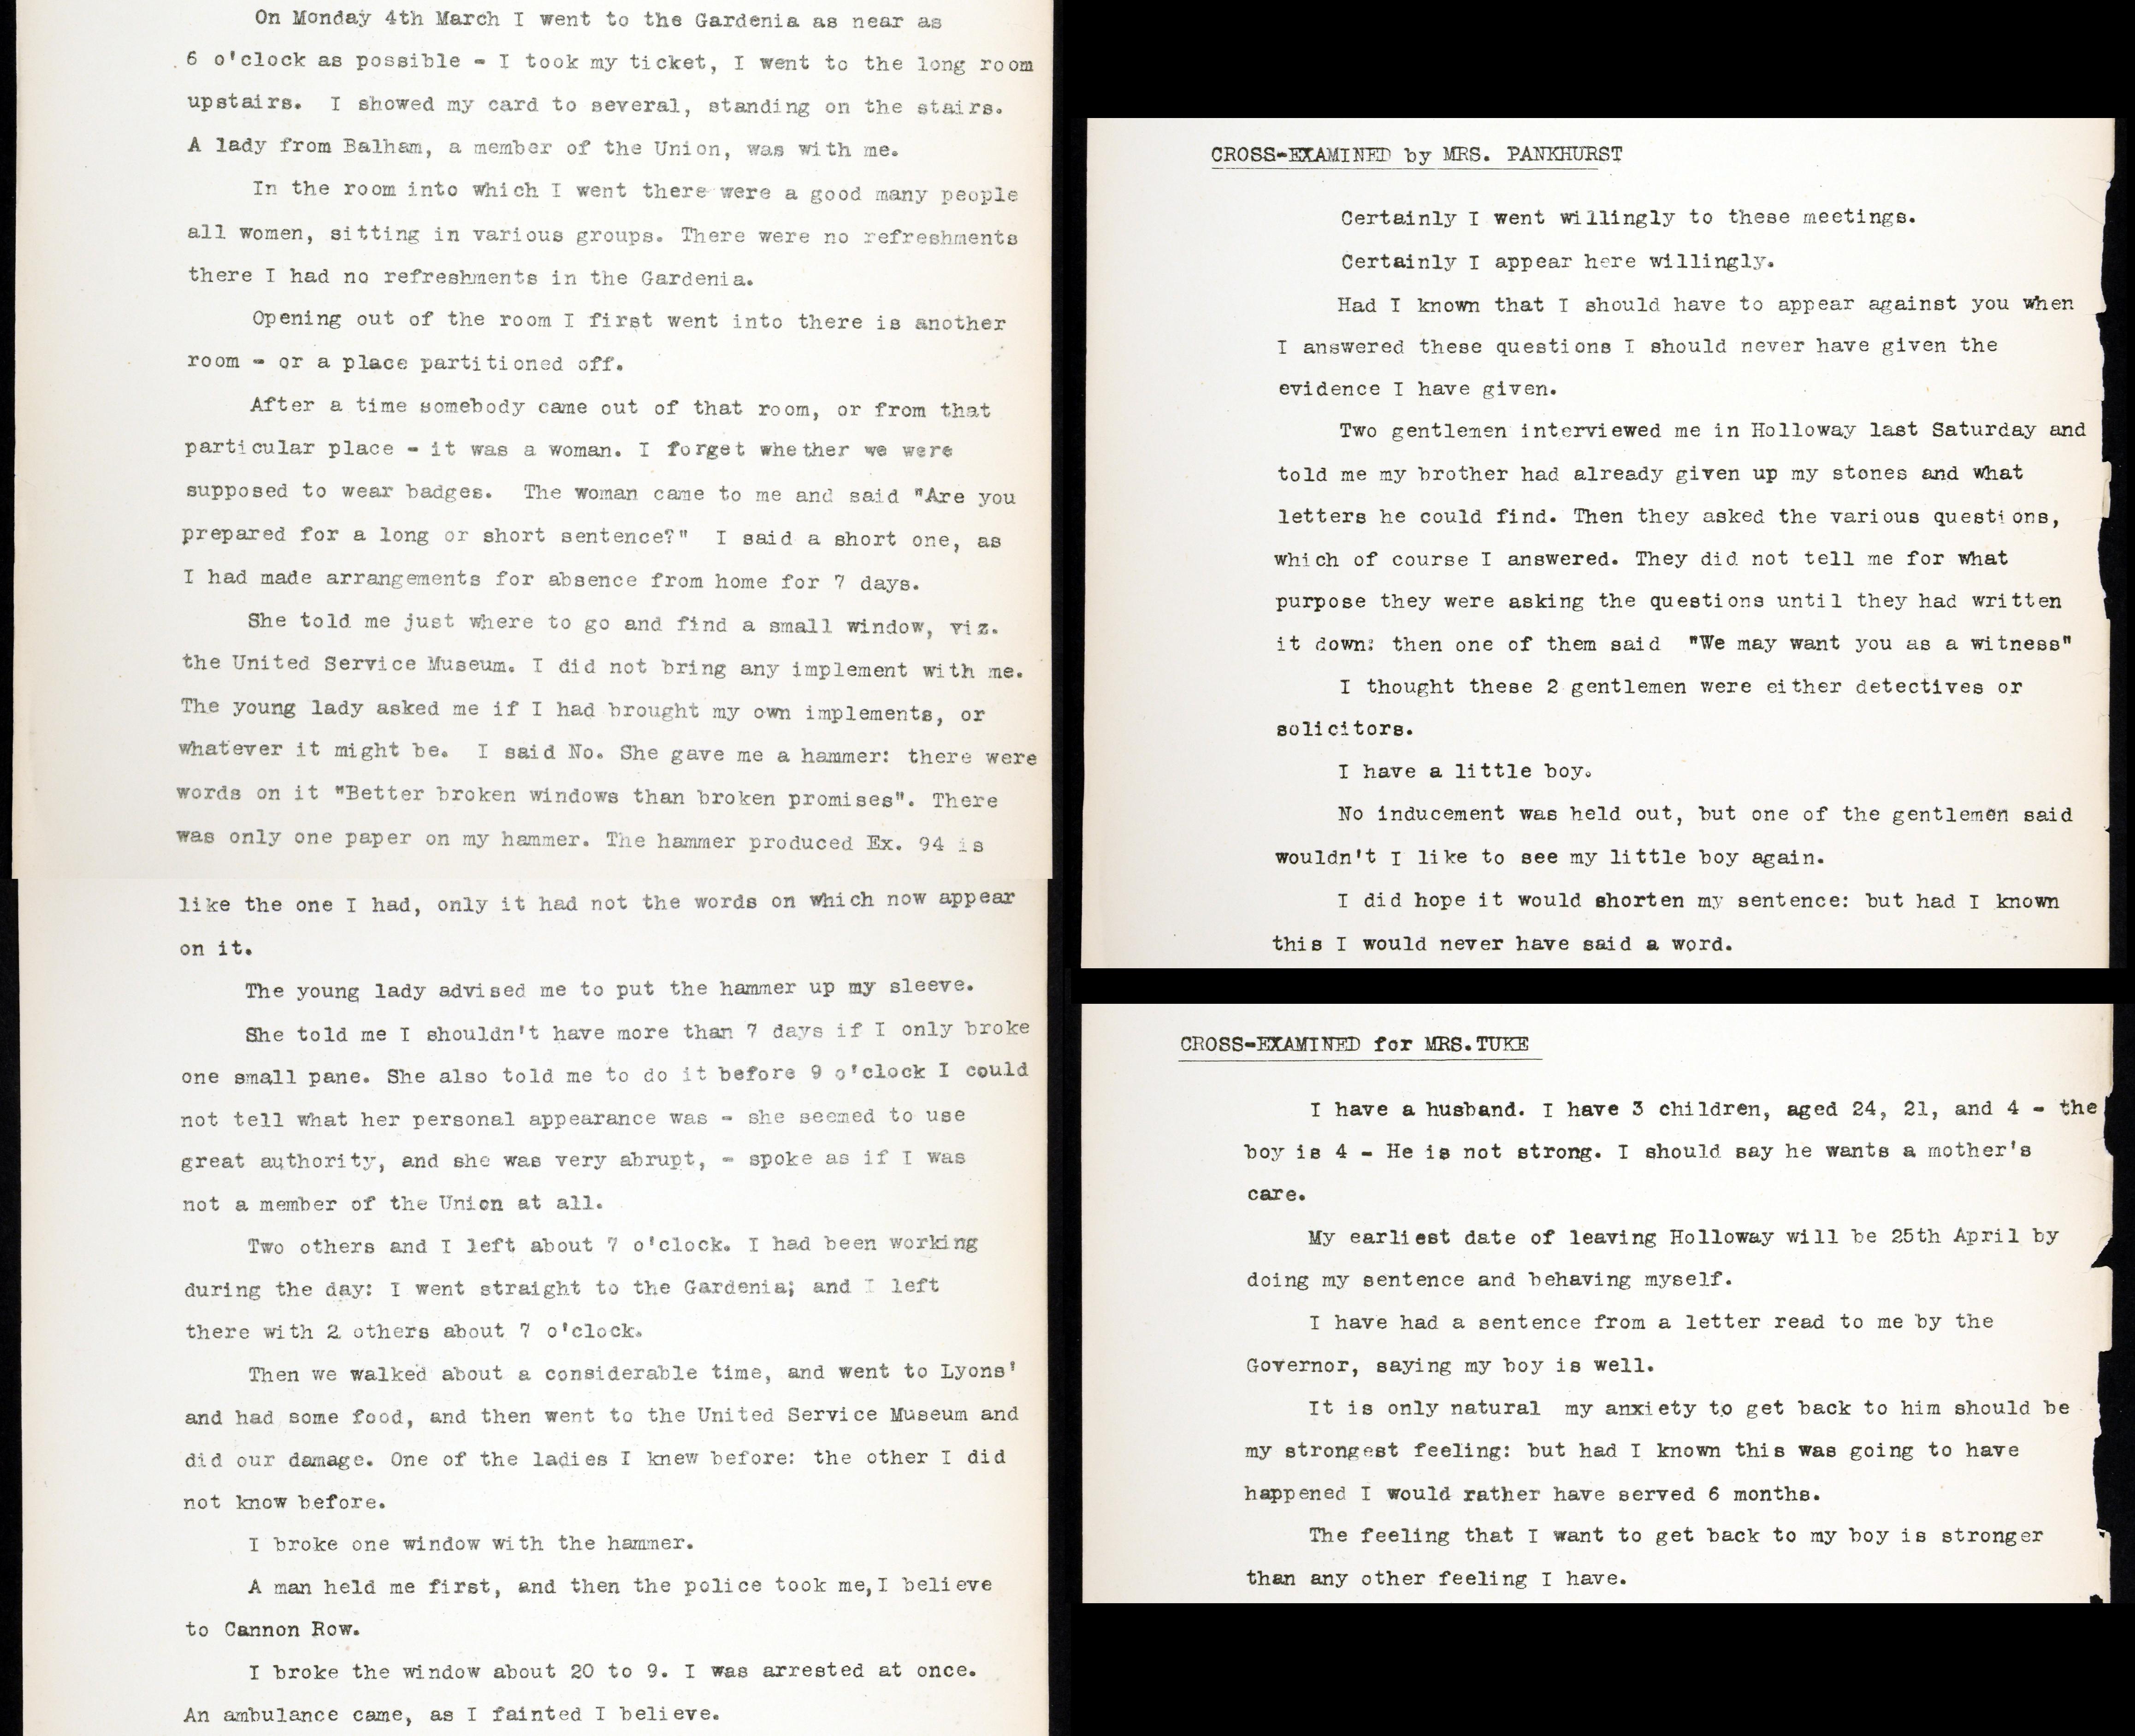 HO144/1119/203651 Letter from Lillian Ball